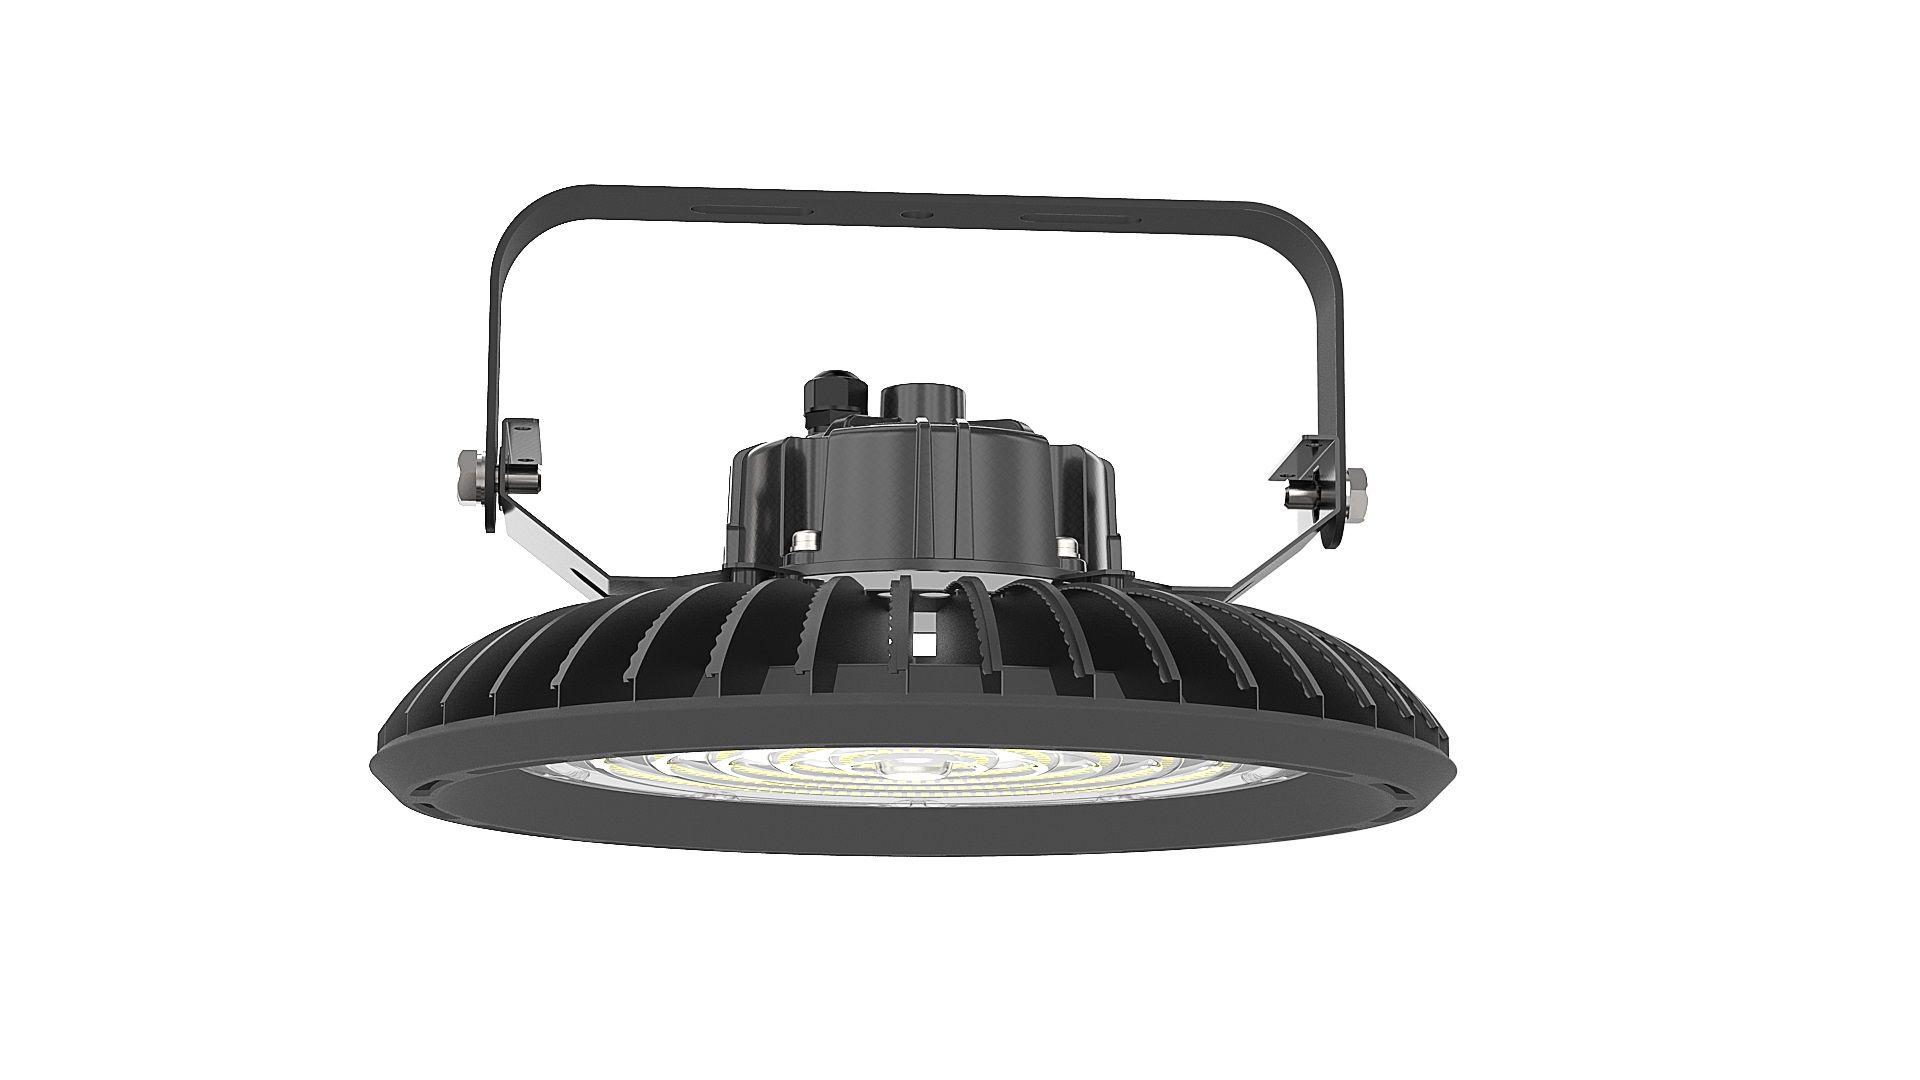 Lampa przemysłowa LED Greenie HighBay Flat UFO